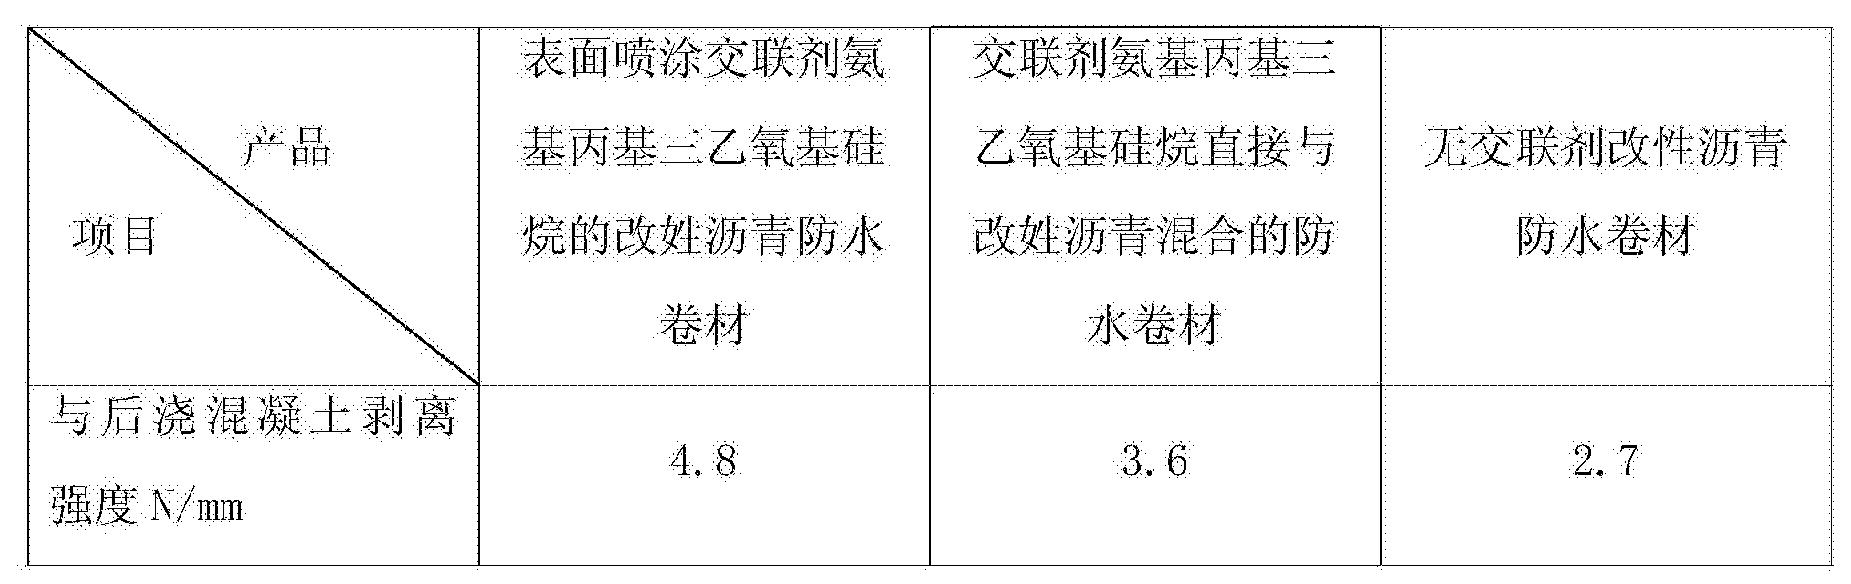 Figure CN105584135BD00101